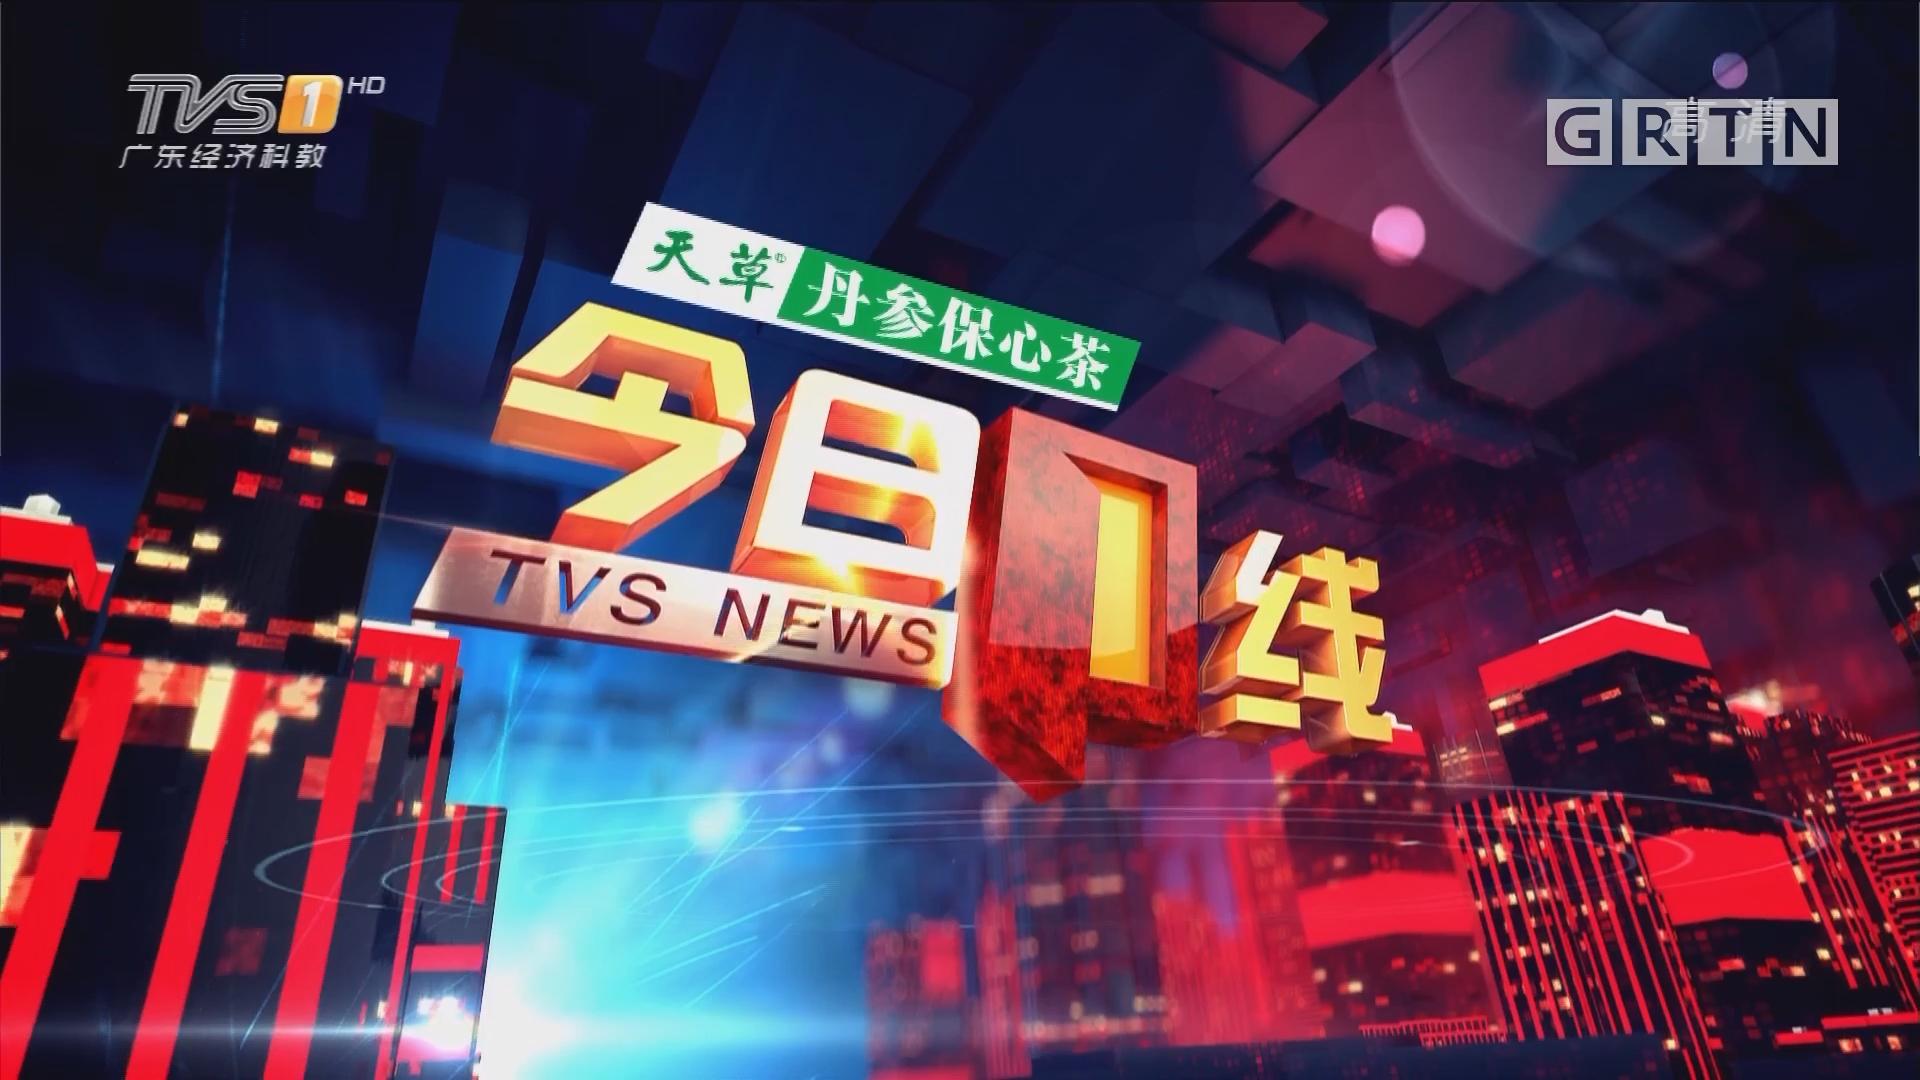 [2018-01-07]今日一线:深圳:租期未到房产被拍卖 租客遭反锁屋内